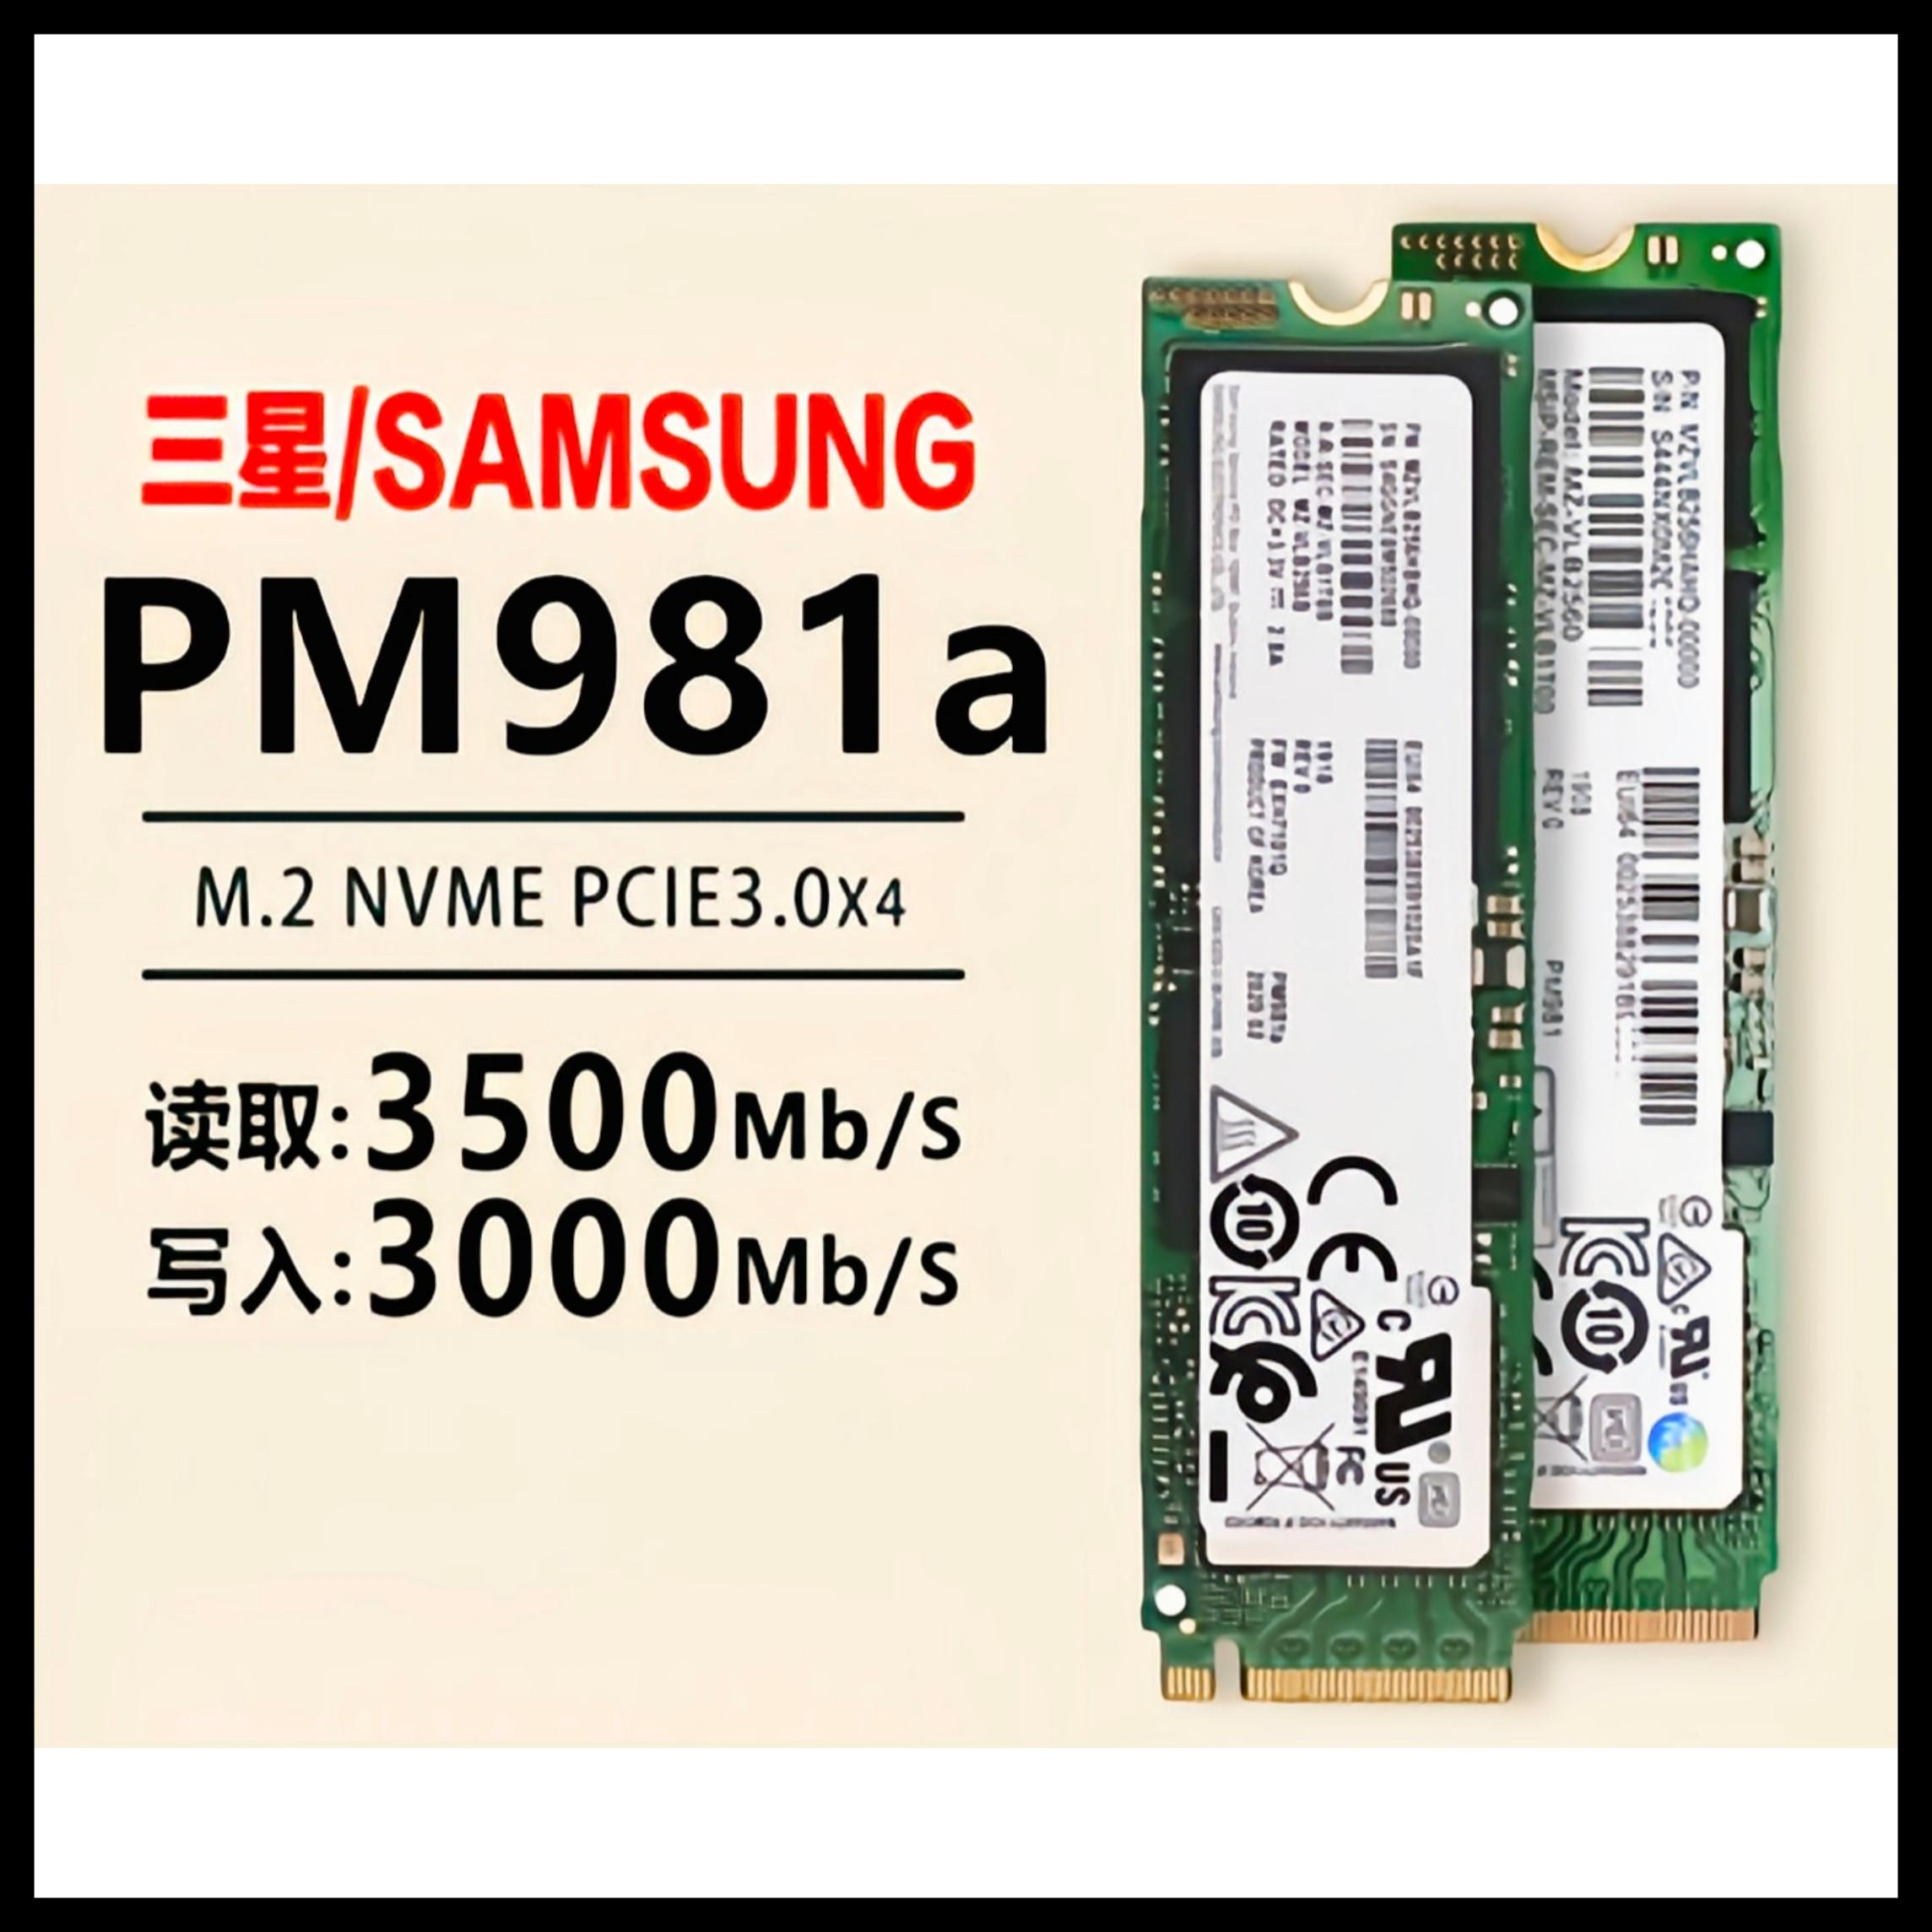 [해외] 삼성 SSD M.2 PM981A 256GB 512GB 솔리드 스테이트 하드 디스크 M.2 SSD NVMe PCIe 3.0x4 NVMe 노트북 내부 디스코 듀로 TLC PM 981A